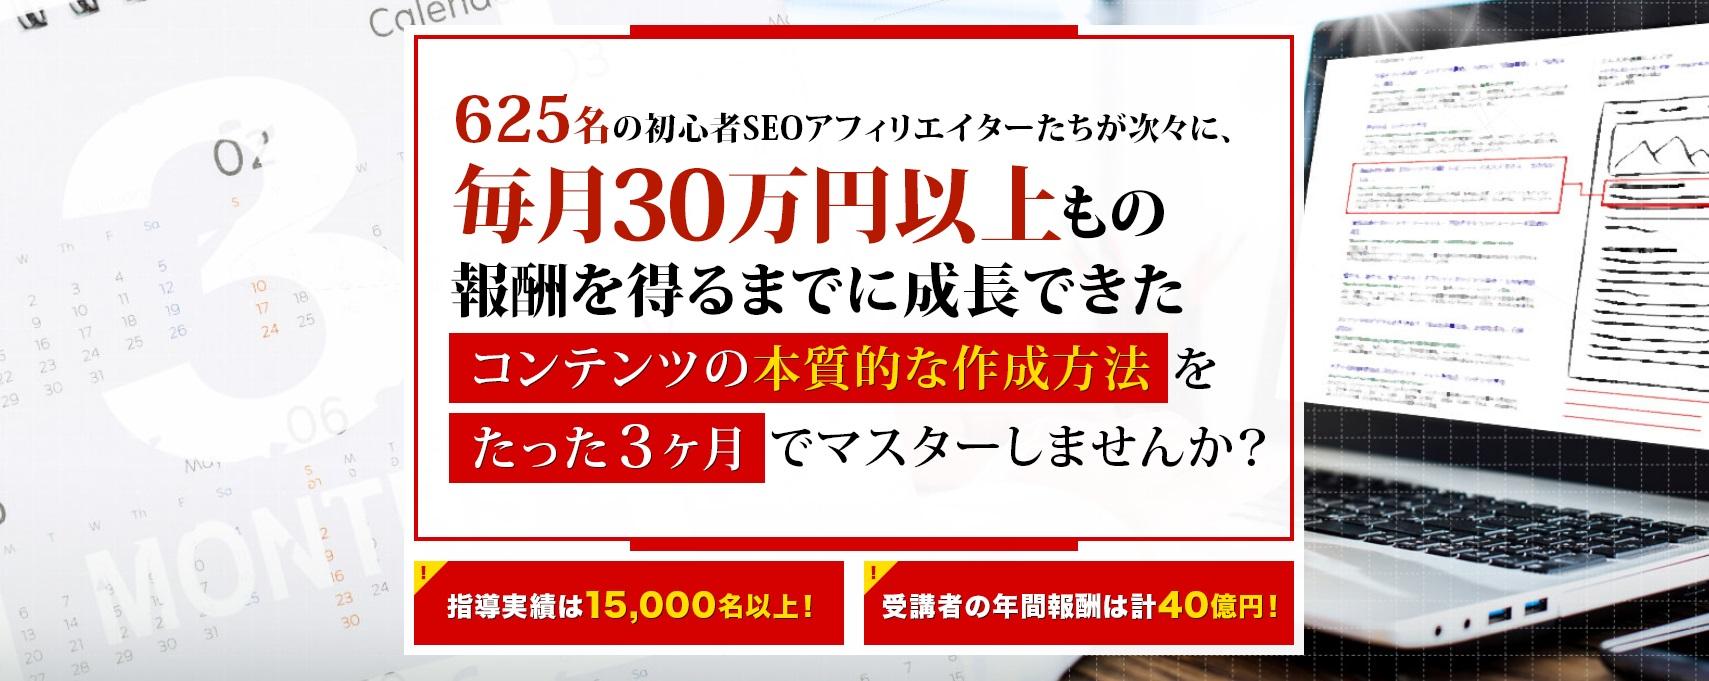 【7大特典付】コンテンツ革命を徹底レビュー!